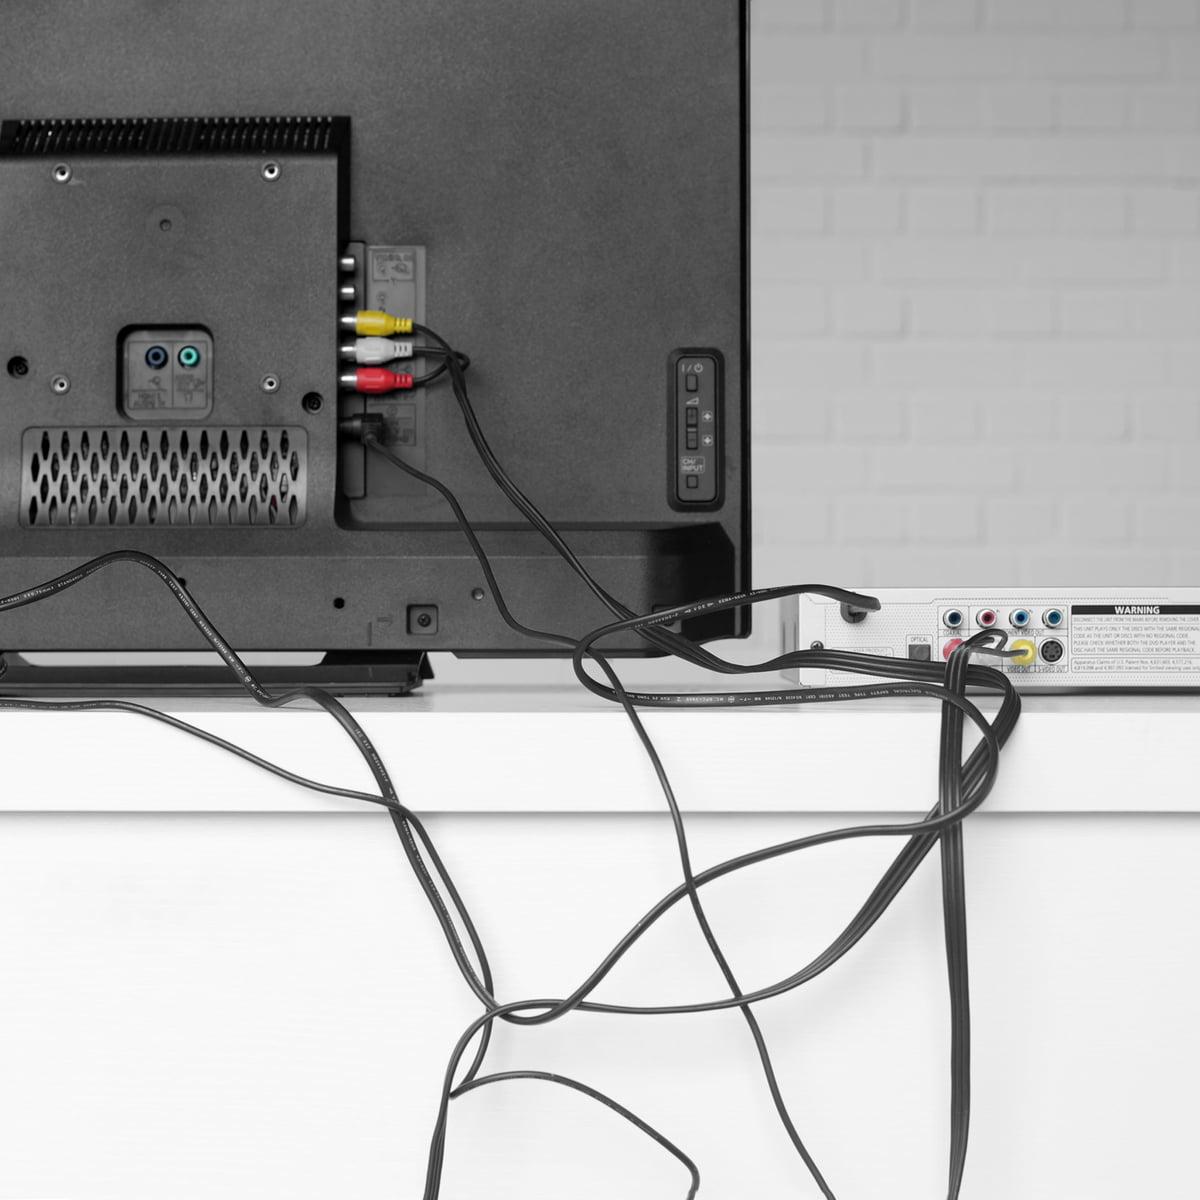 Gemütlich Kabel Kabel Management Zeitgenössisch - Elektrische ...